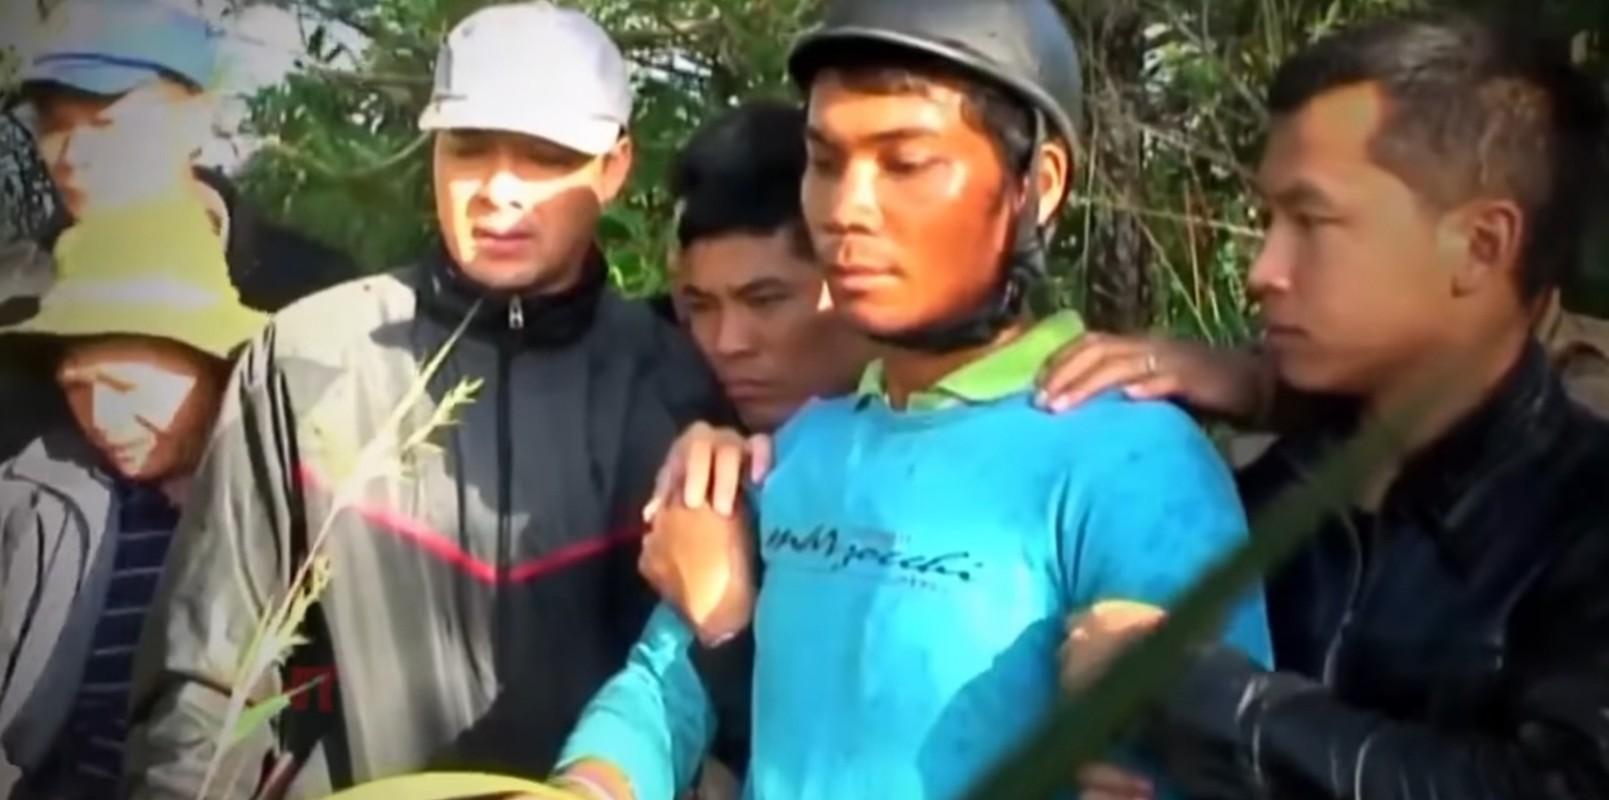 Hanh trinh pha an: Tu thi ben dong suoi to cao ke sat nhan mau lanh-Hinh-15